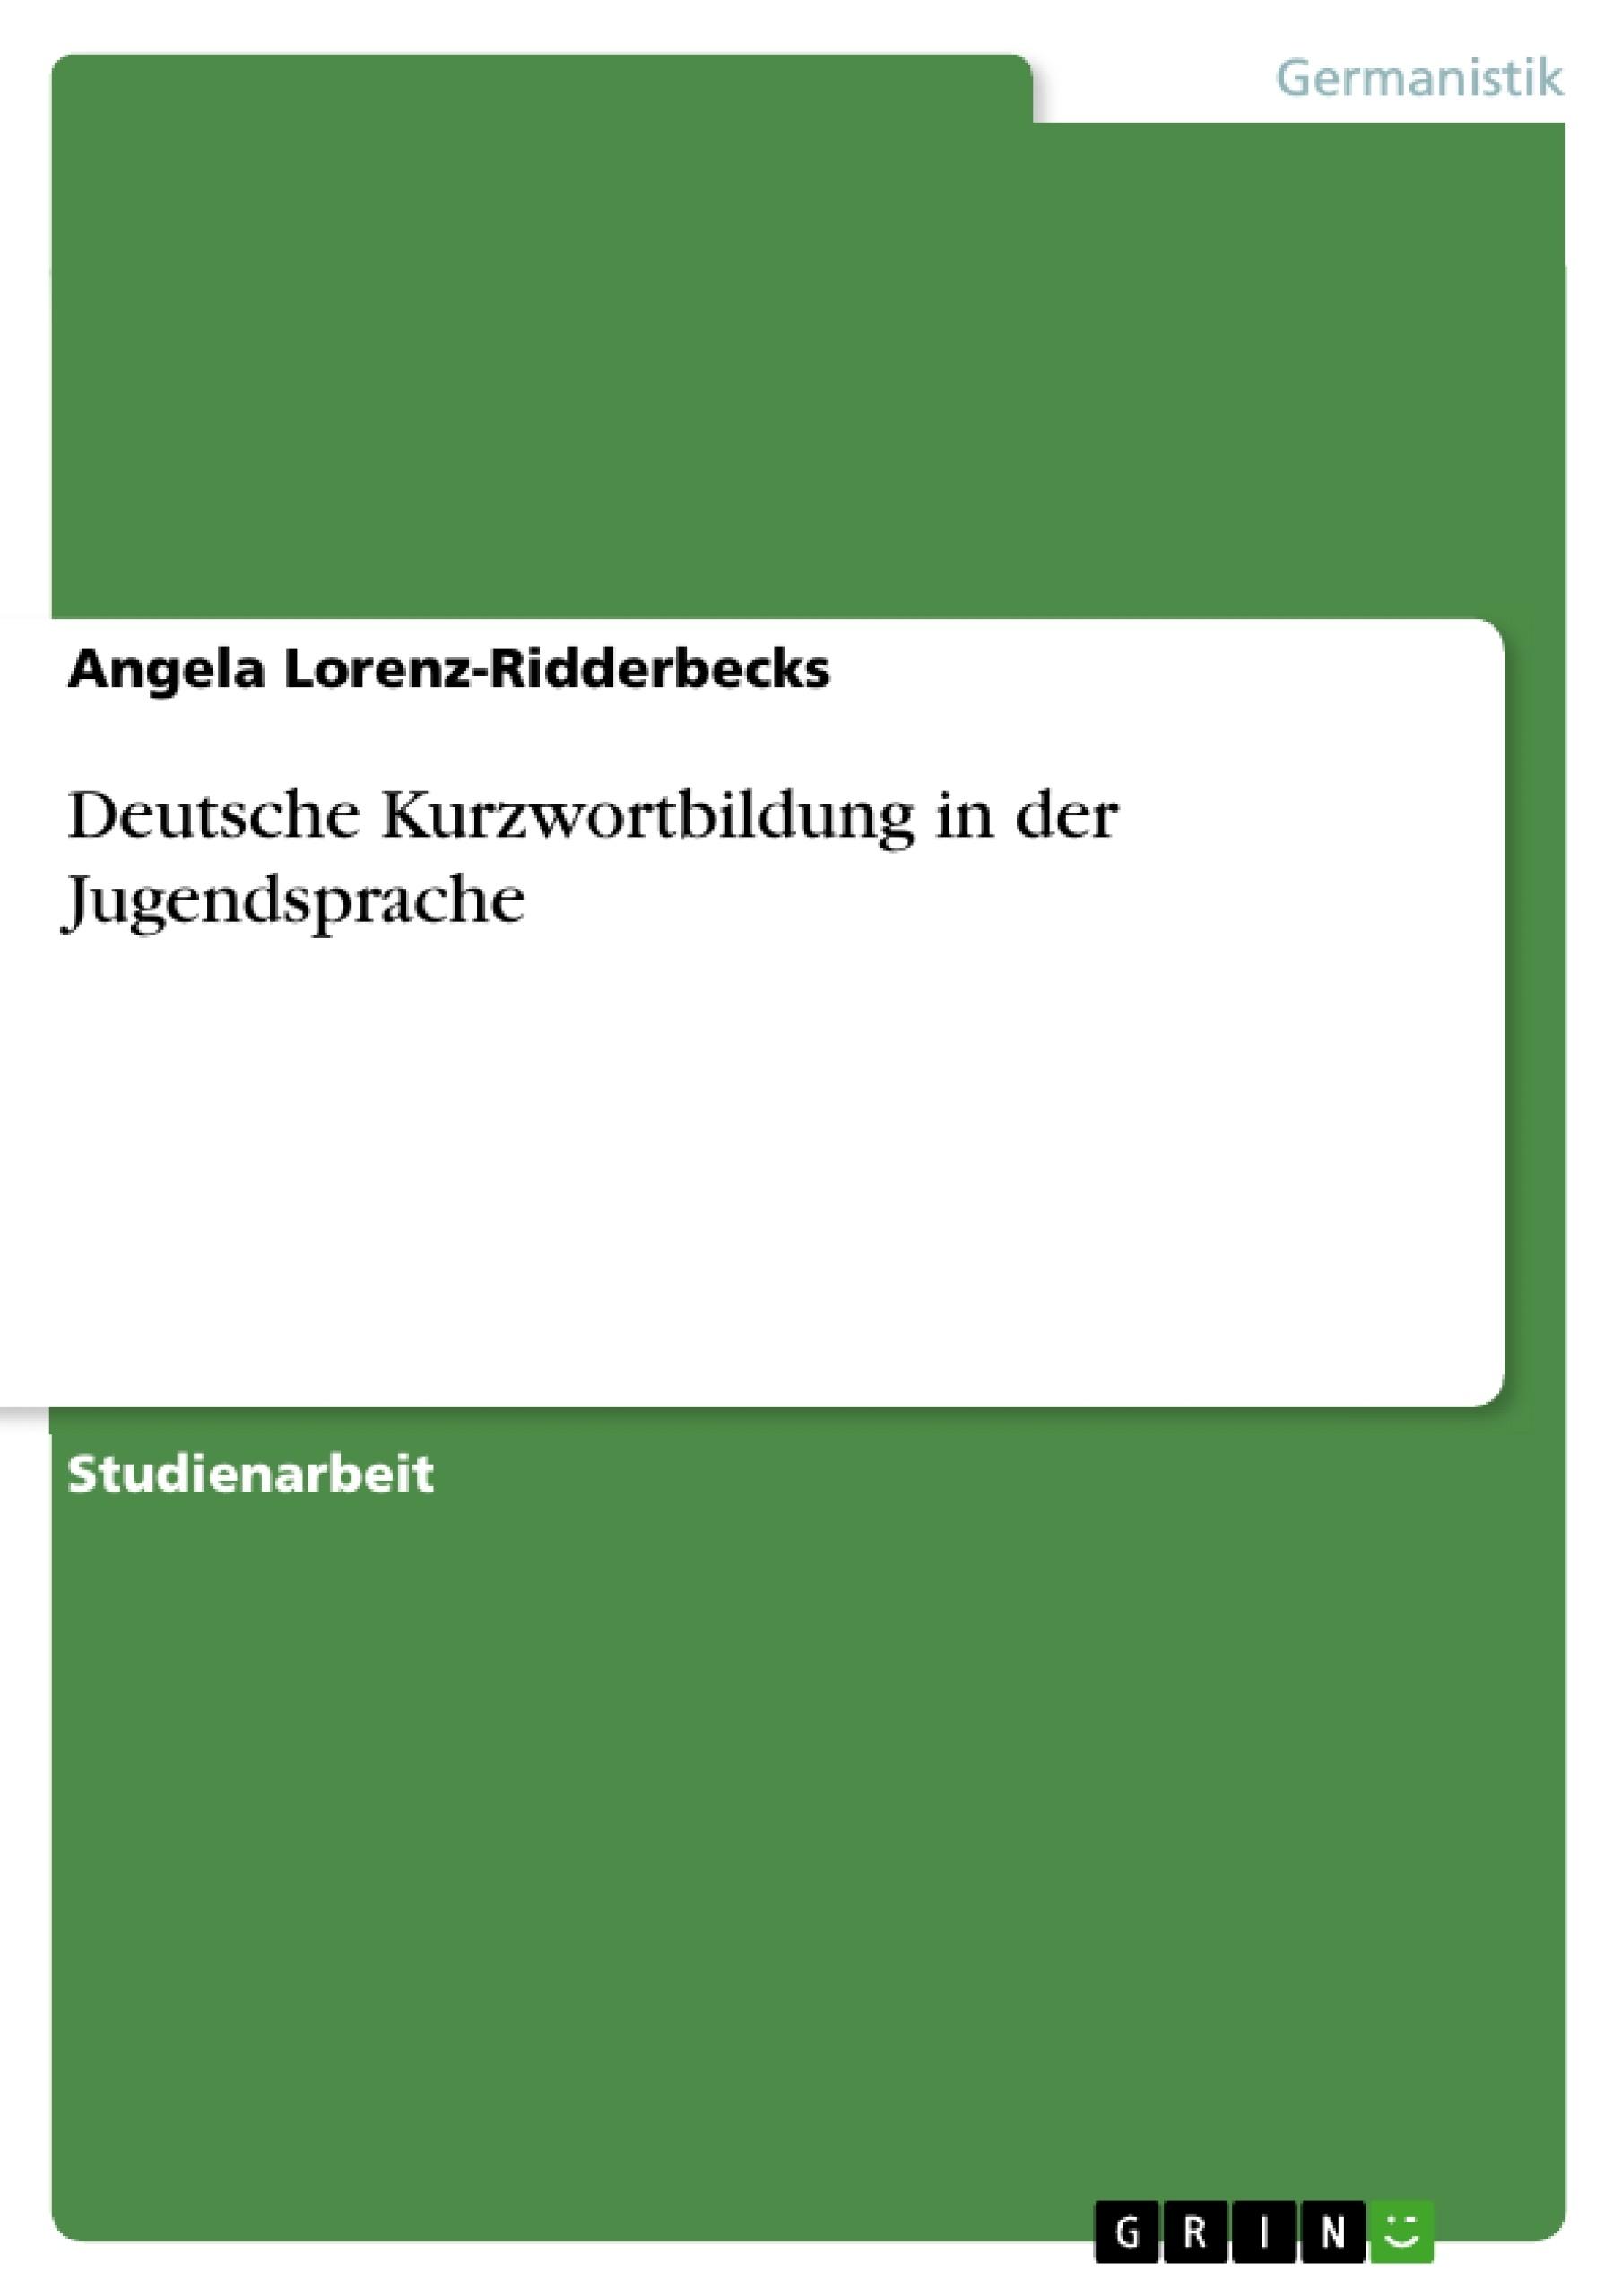 Titel: Deutsche Kurzwortbildung in der Jugendsprache